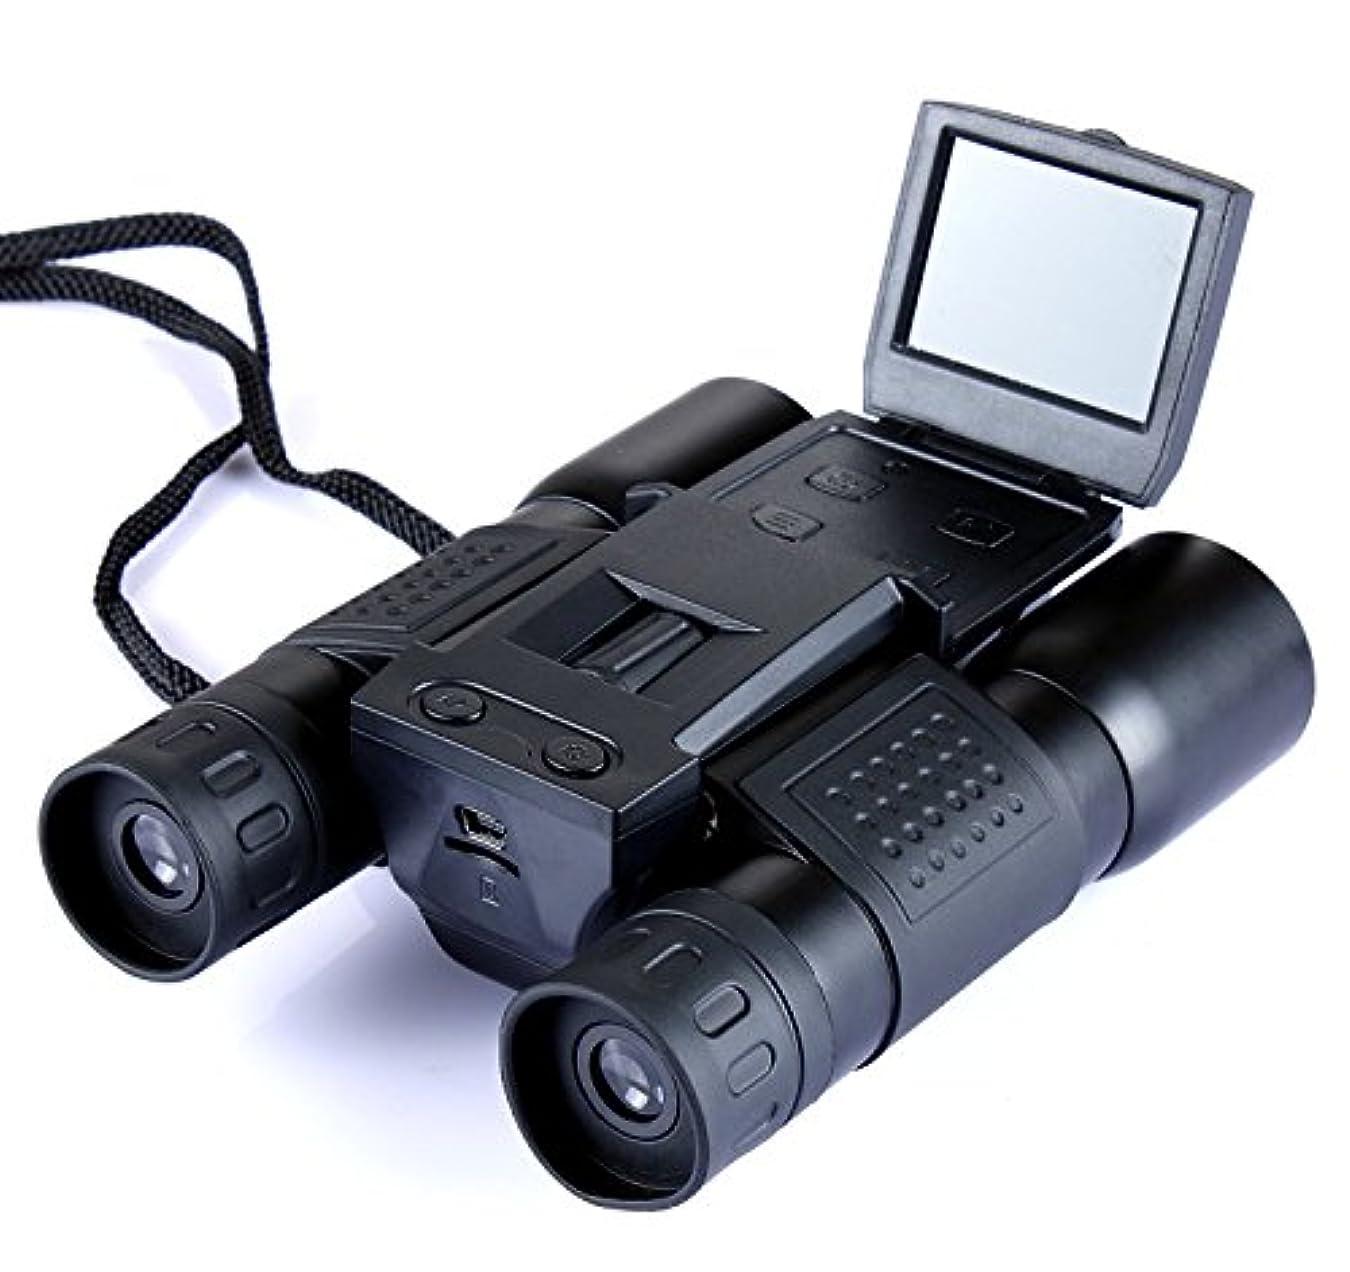 バナナ令状ベリー1stモール 【 ハイビジョンHD 】 倍率12倍 デジタル双眼鏡 大迫力 最大32GBメモリ 【 首掛けストラップ付き 】 ST-BD318